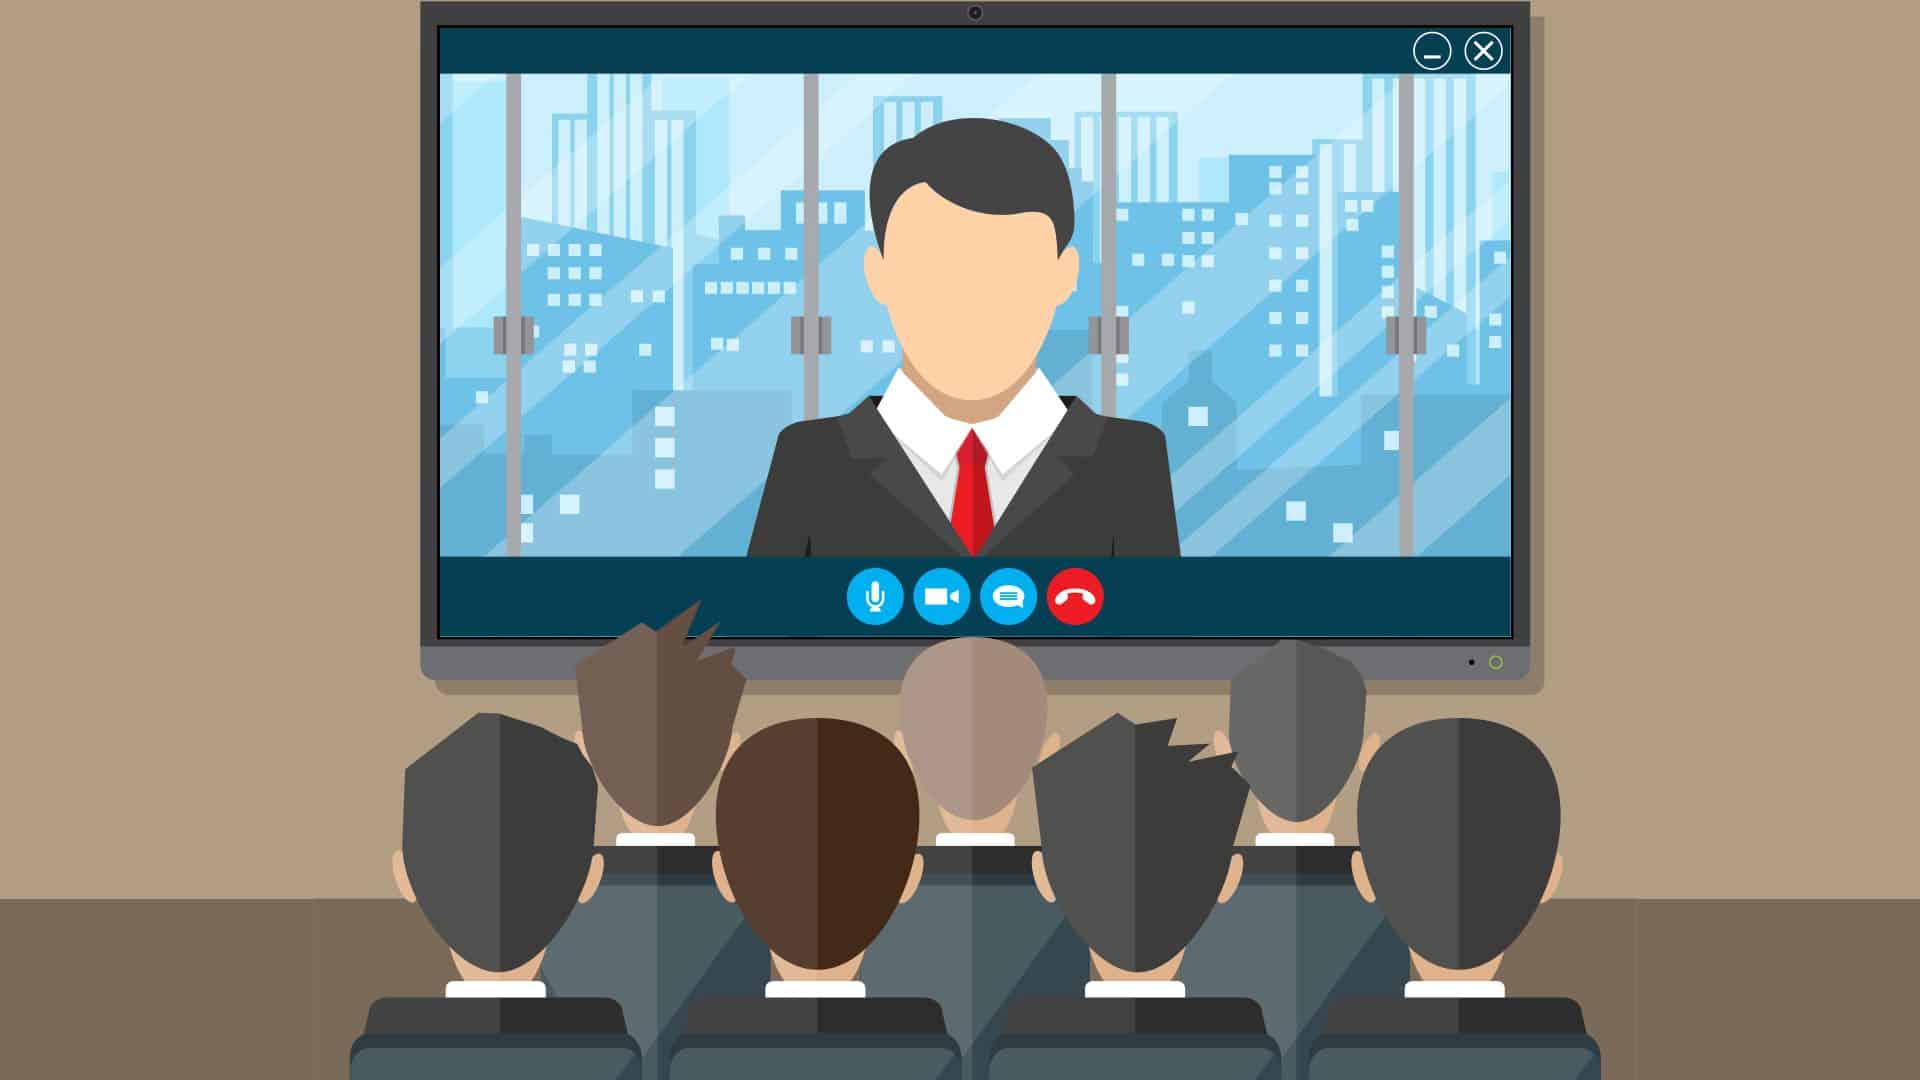 PrivacyControl proponeseminari gratuiti di formazione onlineper aiutarti nell'approfondimento della Tutela dei Dati personali. Suggerimenti e soluzioni pratiche anche per creare ambienti di apprendimento coinvolgenti e motivanti.